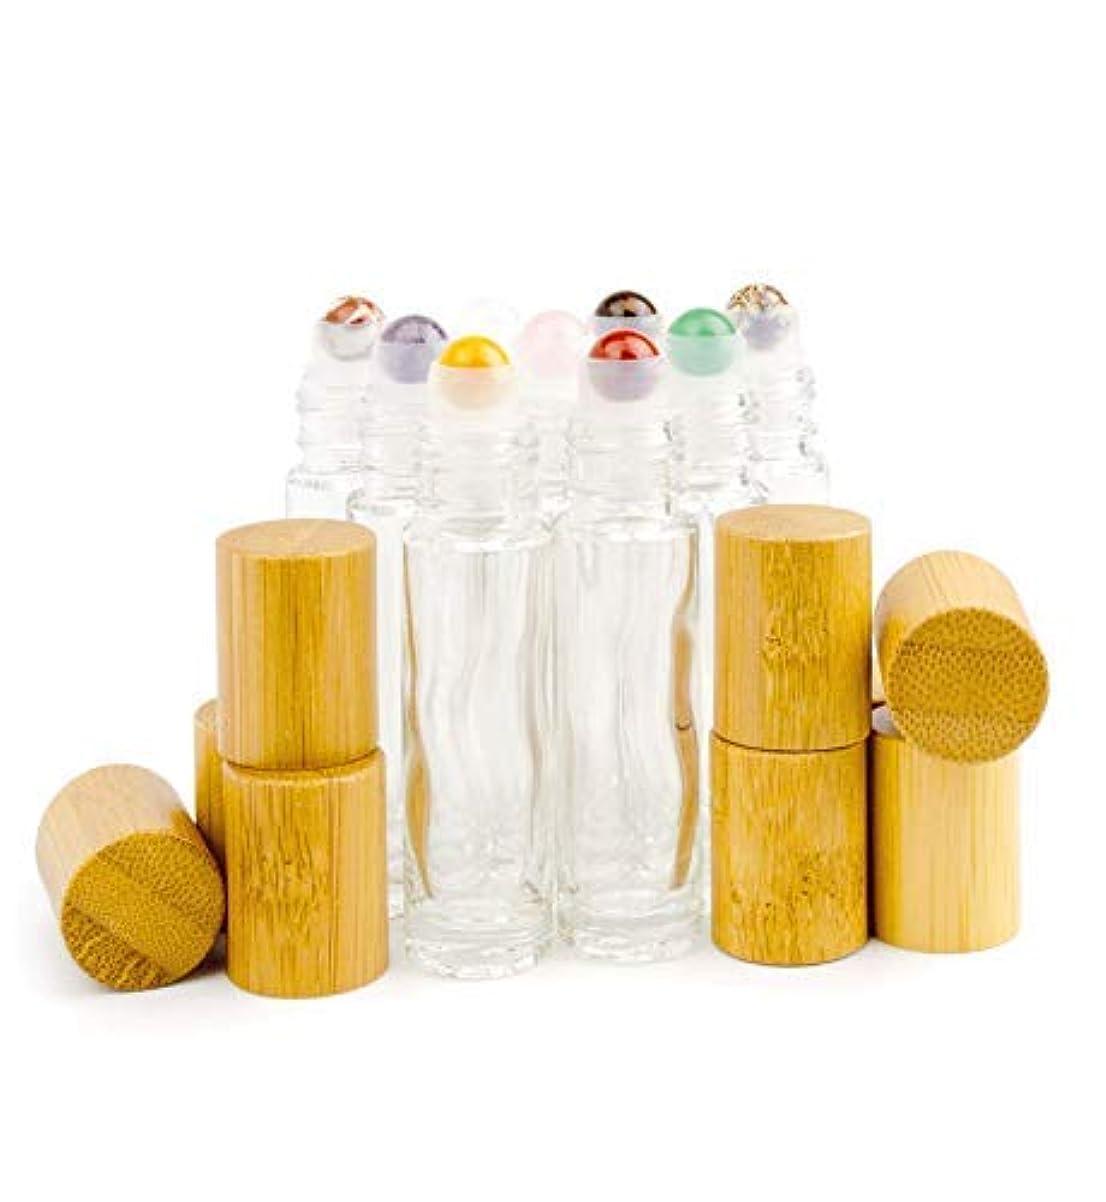 批判的にグリーンバック急降下Grand Parfums 9 Gemstone Crystal Roller Tops in 10ml Clear Glass Bottles, with Natural Bamboo Caps for Essential...